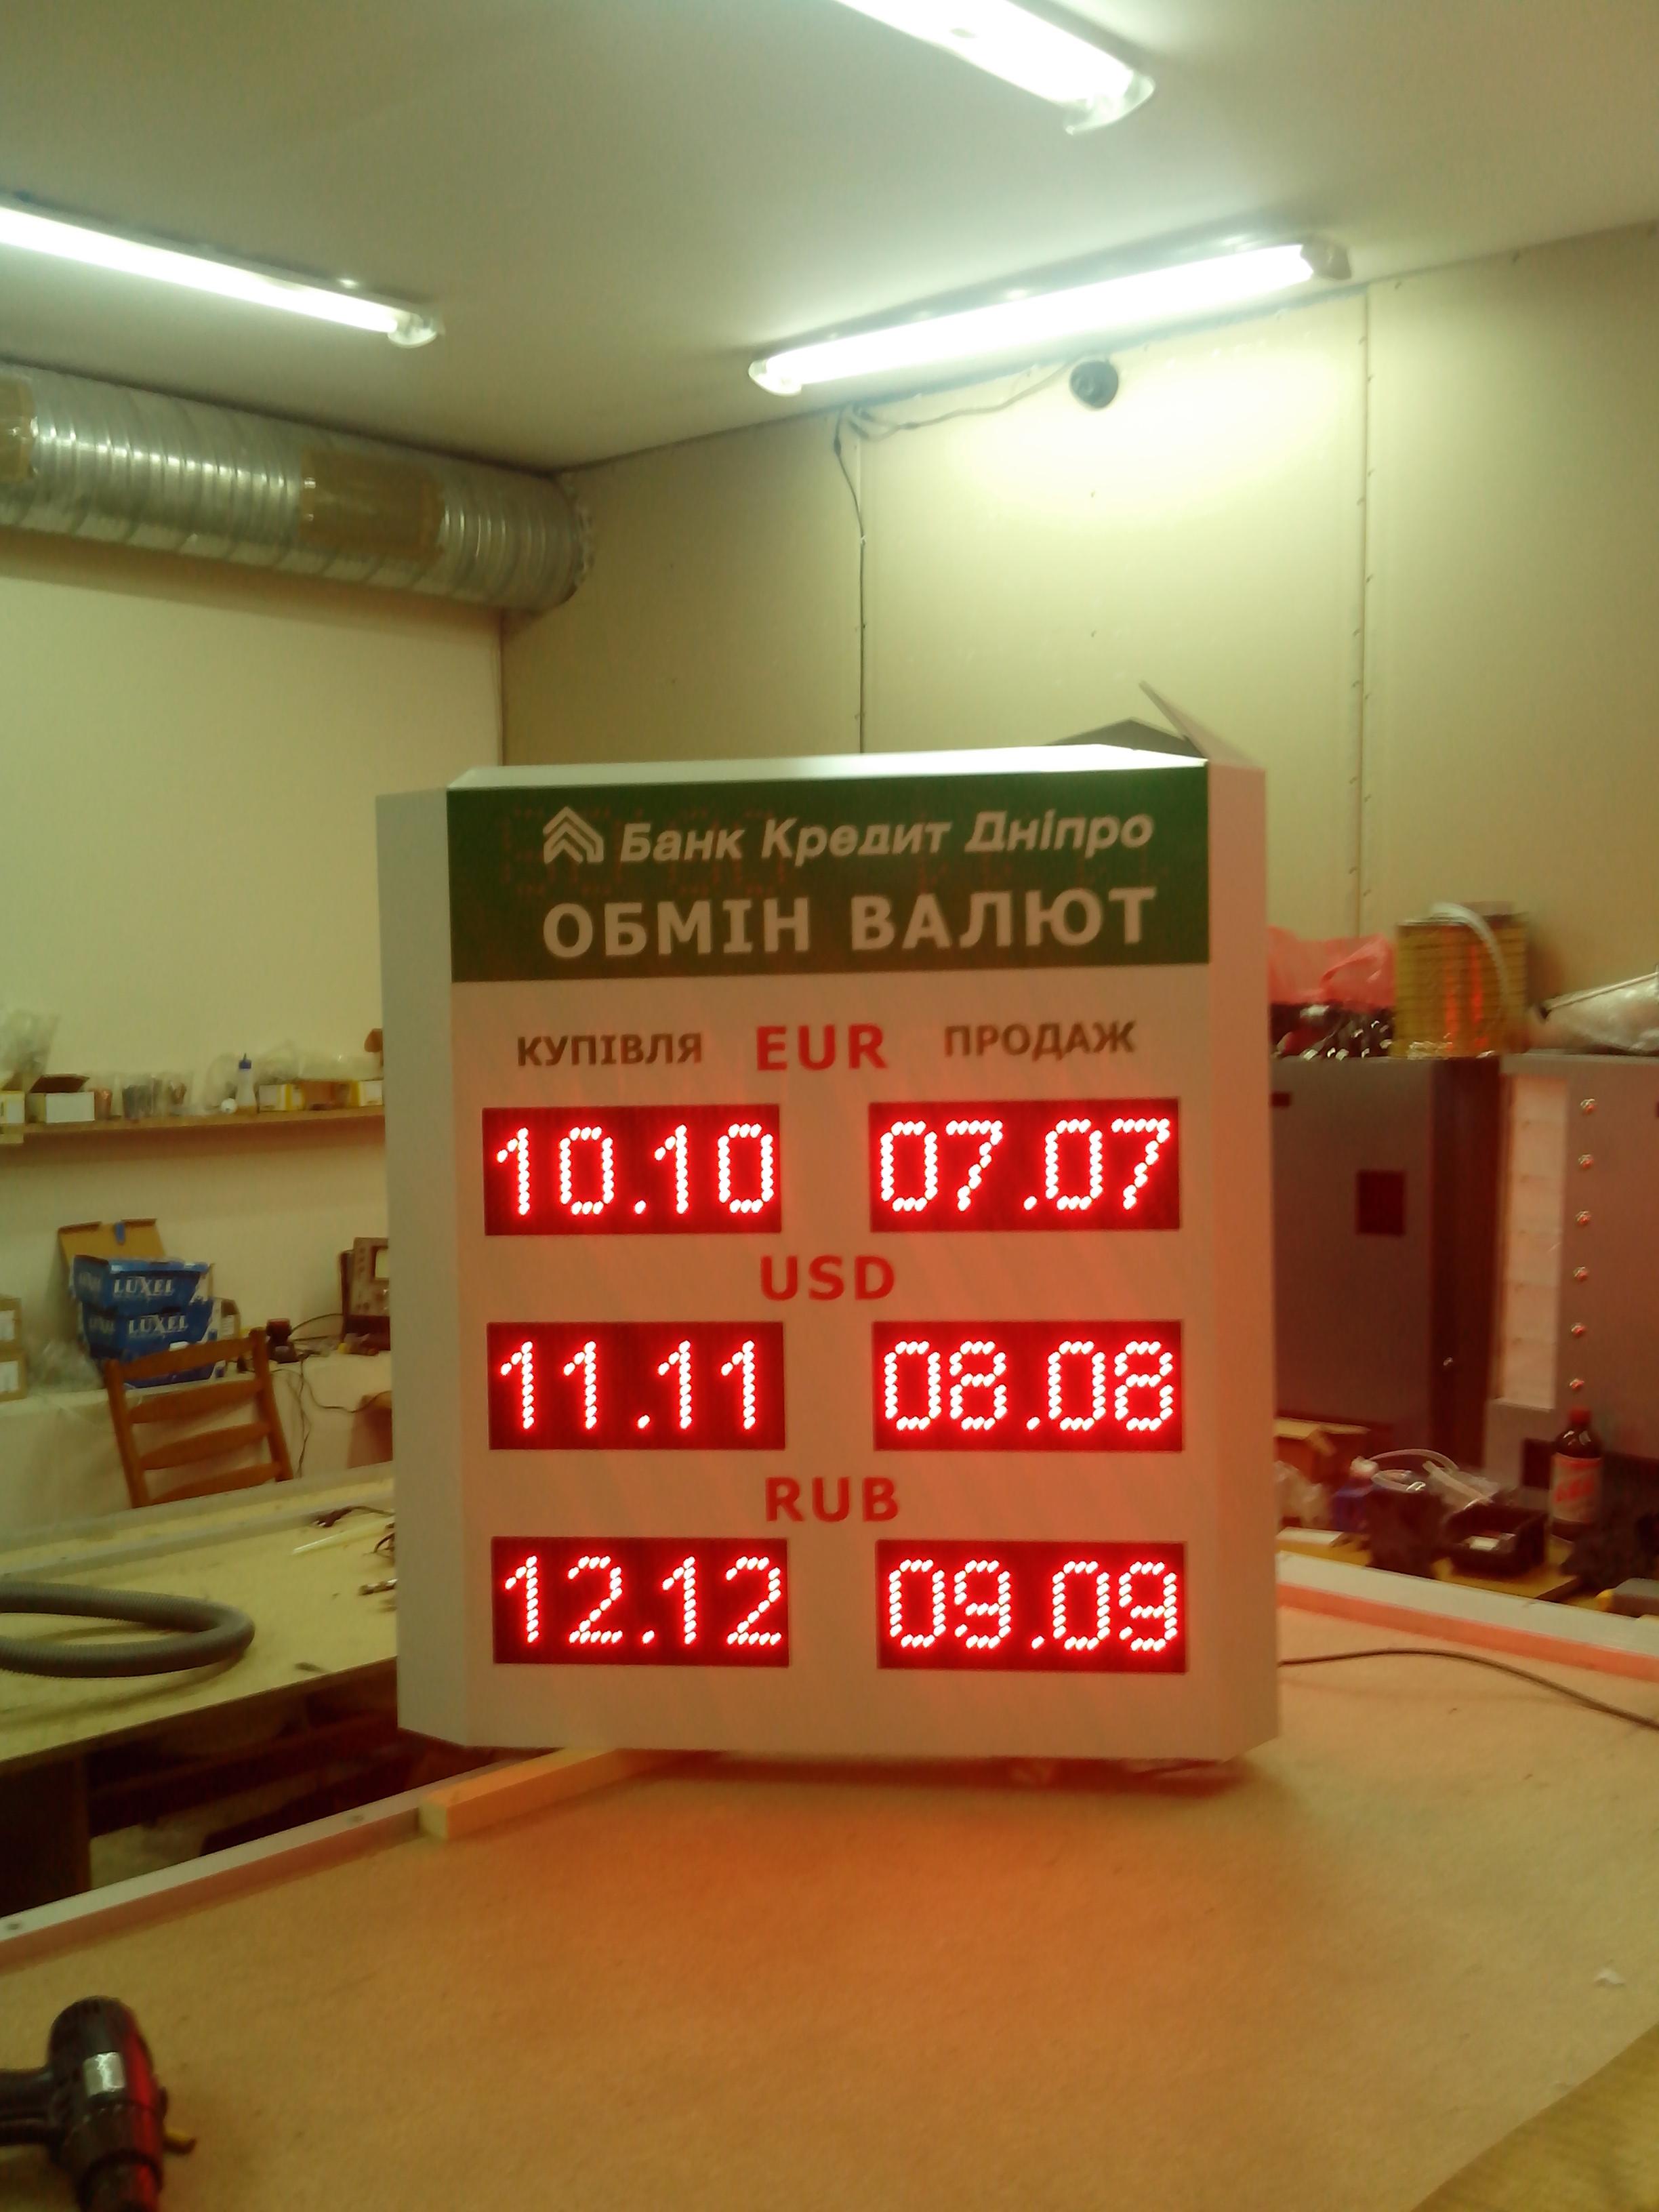 обмен валют (2)